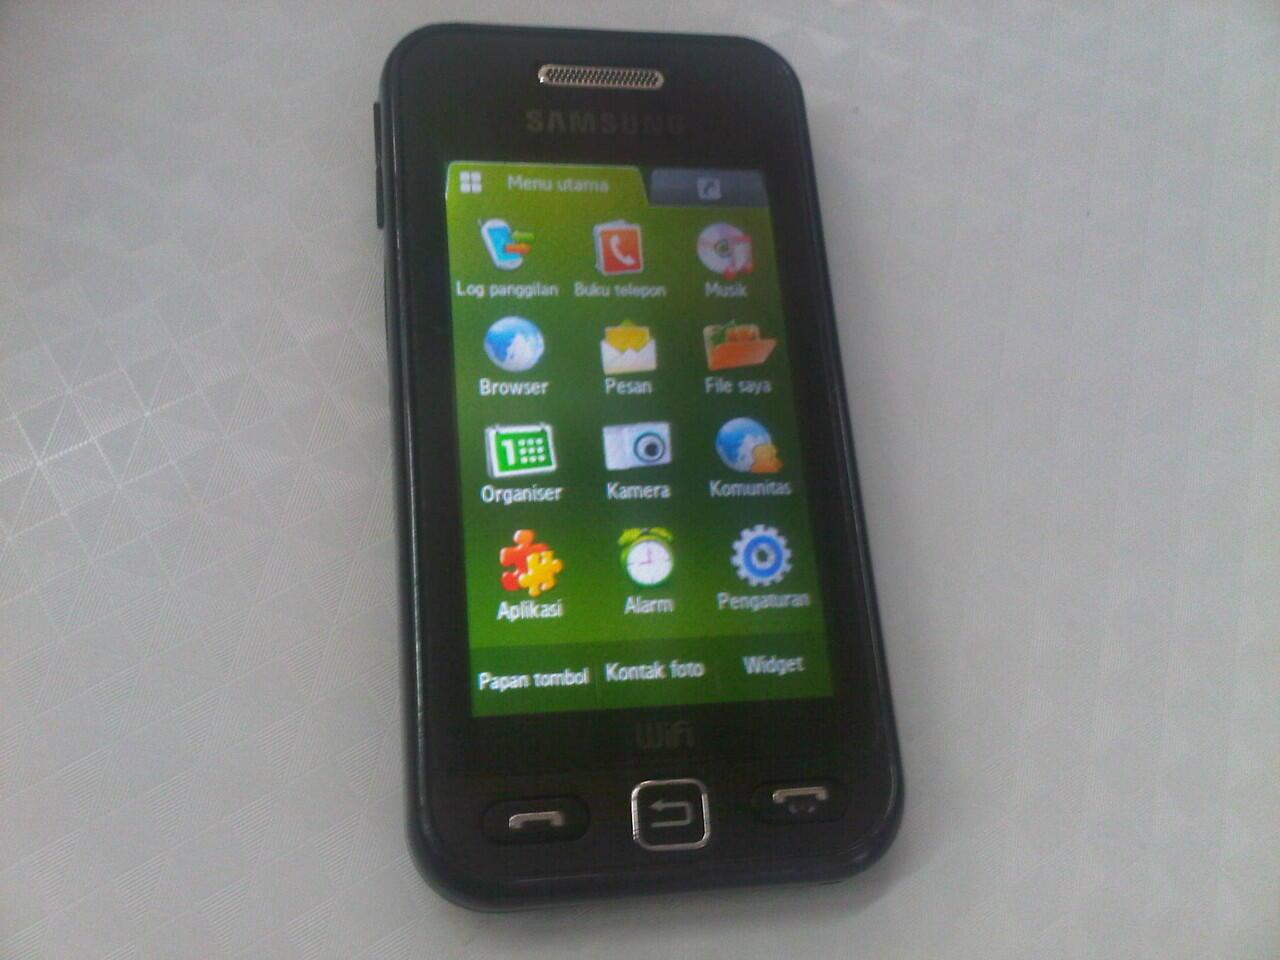 Samsung star wifi Gt-S5233w segel fullset semarang